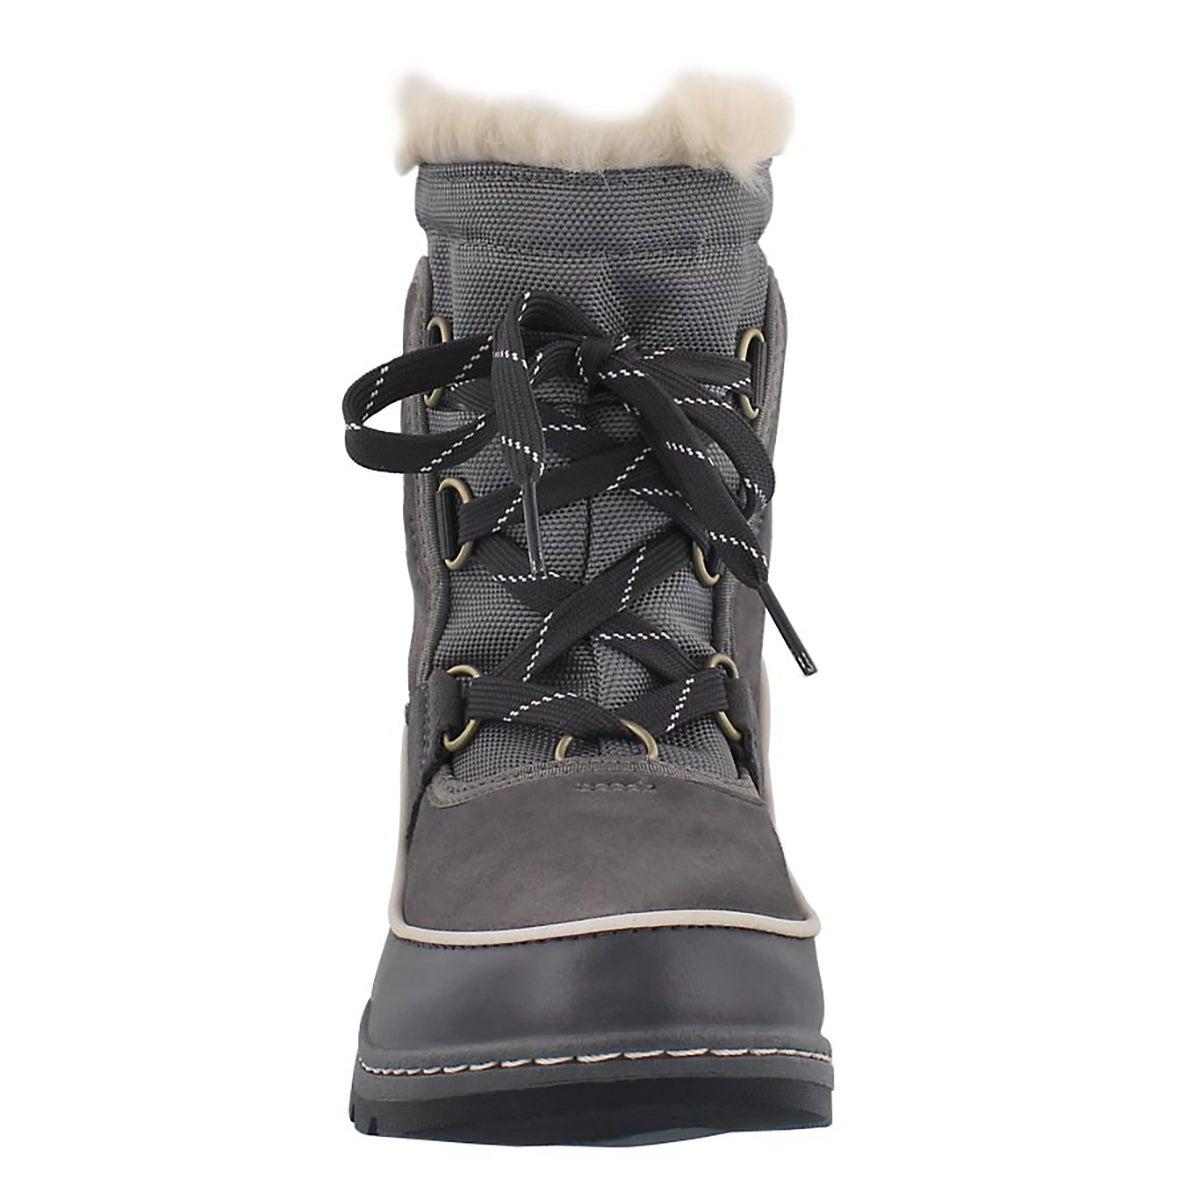 Lds Tivoli III quarry wtpf boot